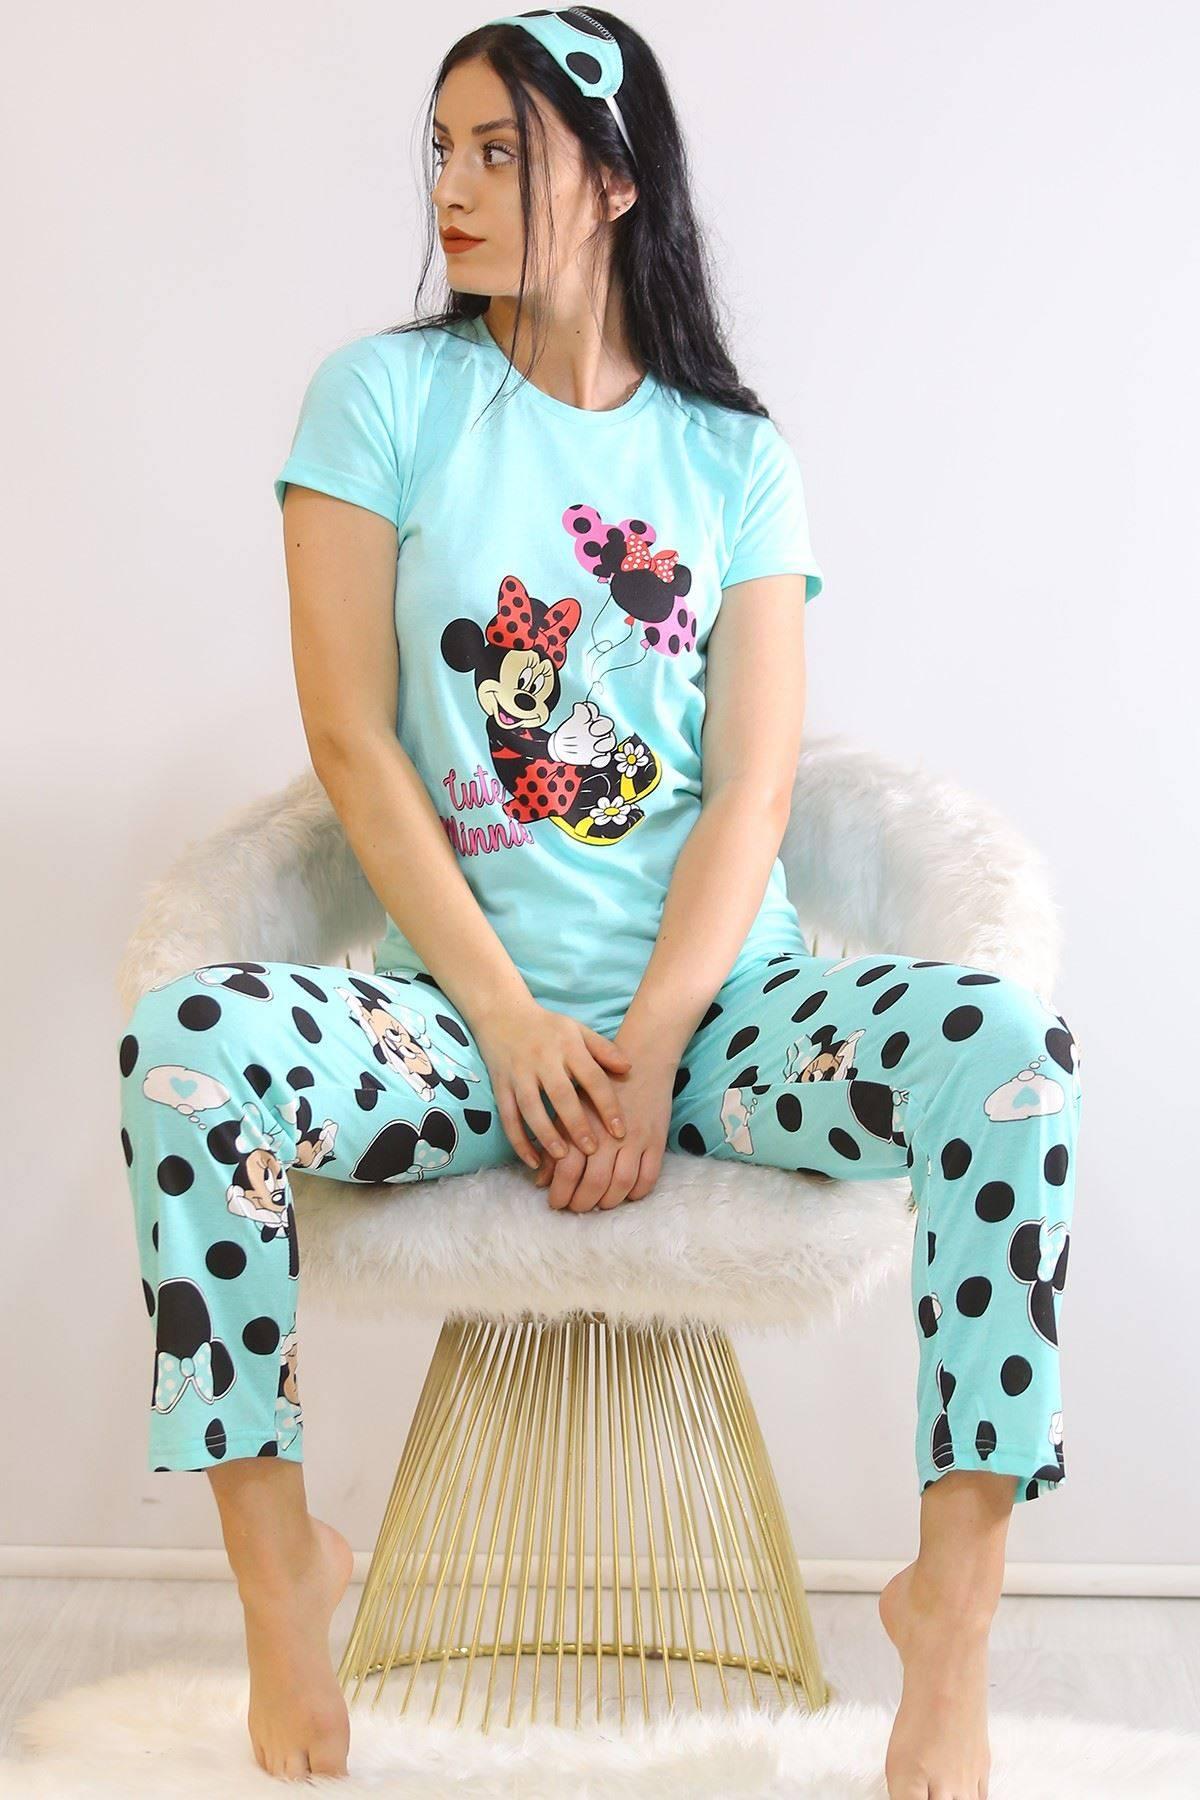 Baskılı Pijama Takımı Turkuaz - 21271.1059.